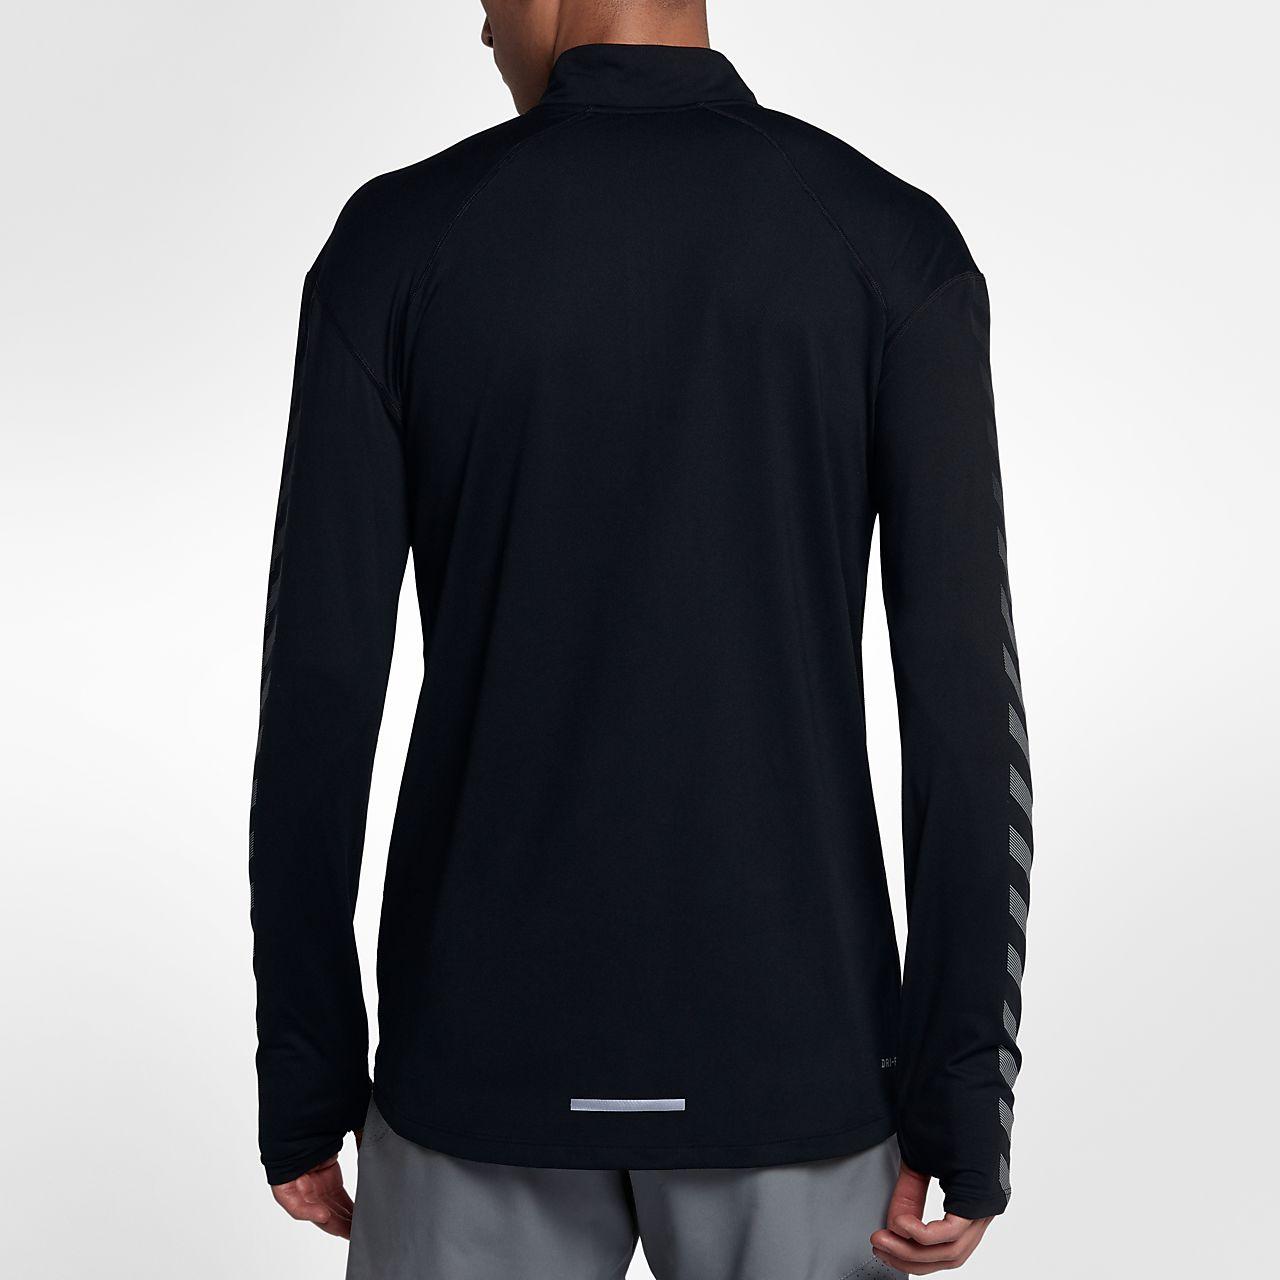 c6ec03f3f3 Nike Flight 23 L S DriFit Tee Camiseta manga larga para hombre color ...